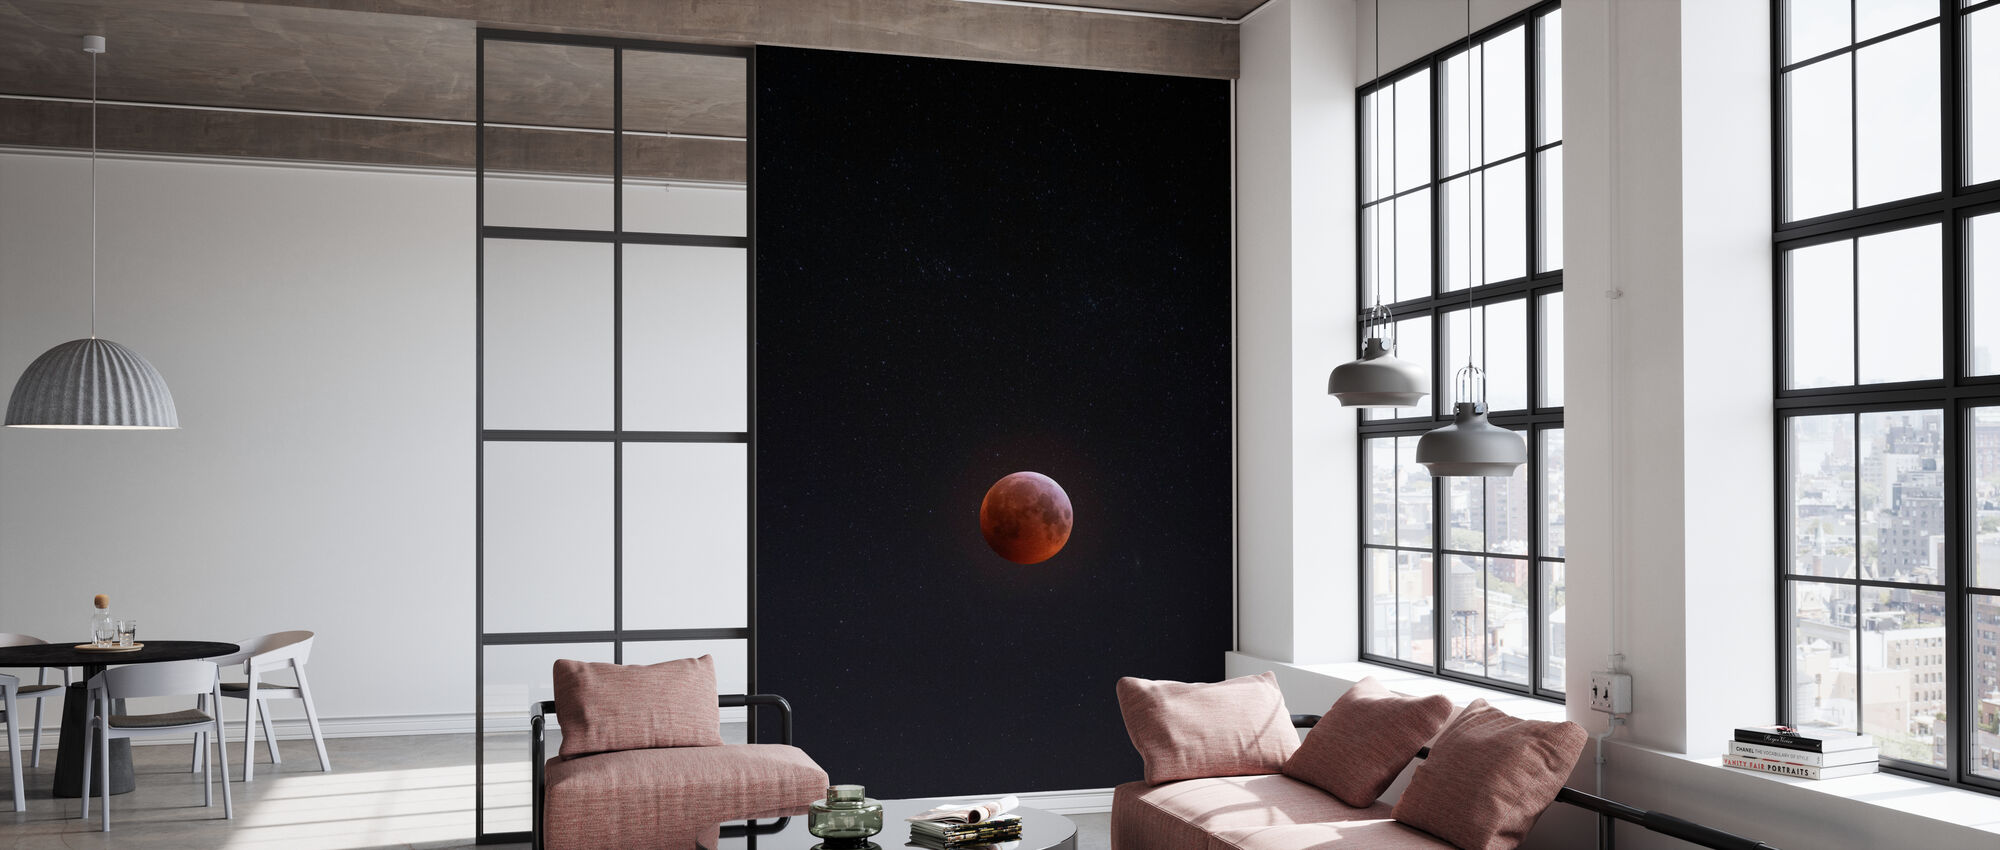 Lunar Eclipse - Tapetti - Toimisto